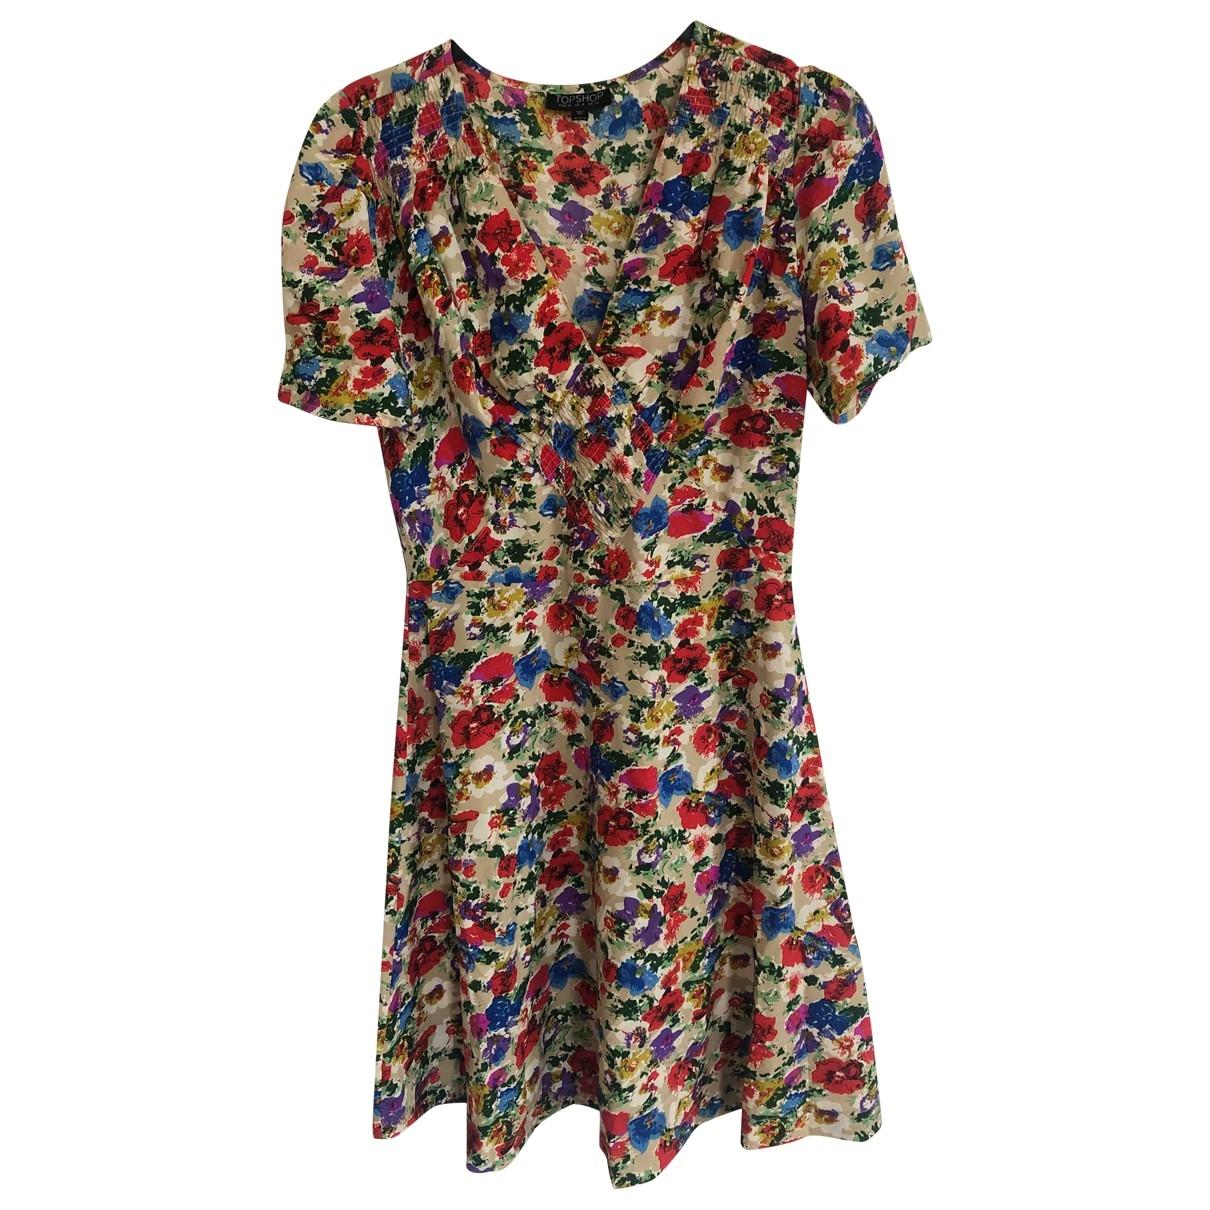 Tophop \N Kleid in Polyester